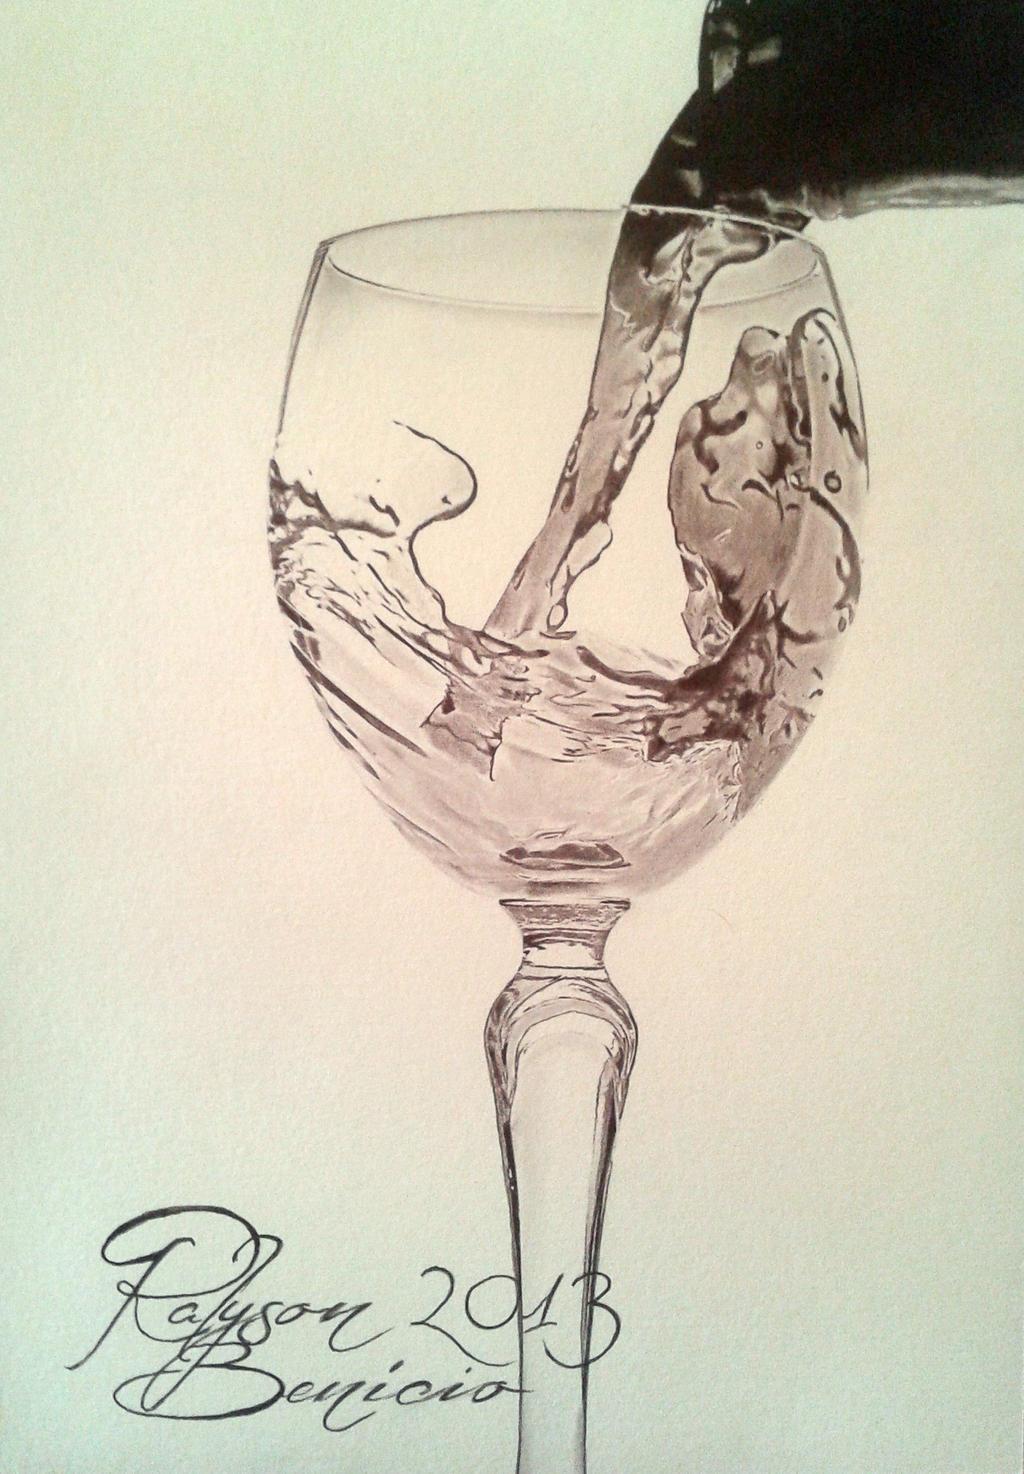 Glass Of Wine by RalysonB